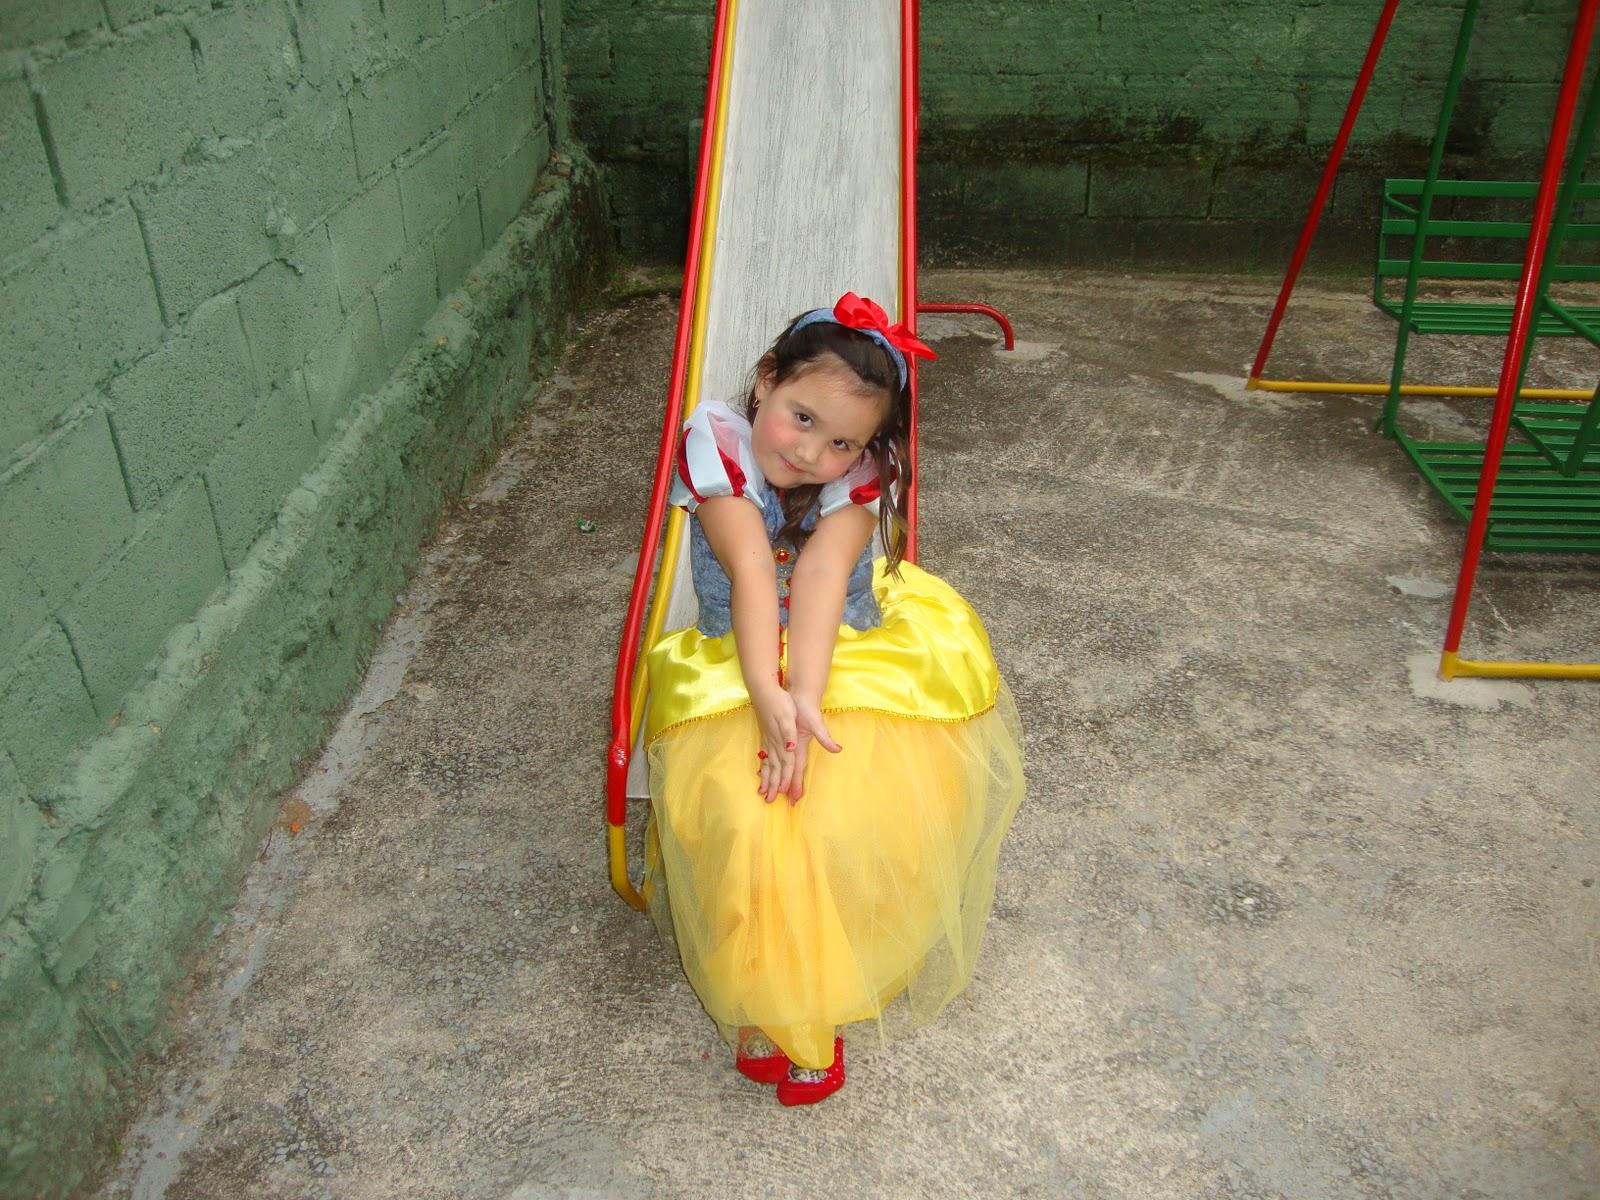 http://4.bp.blogspot.com/_XLIuhncTfGk/TMgE0qdb9tI/AAAAAAAAAA8/PU7VI3lZcS4/s1600/Niver+04+Anos+-+Princesas+040.jpg